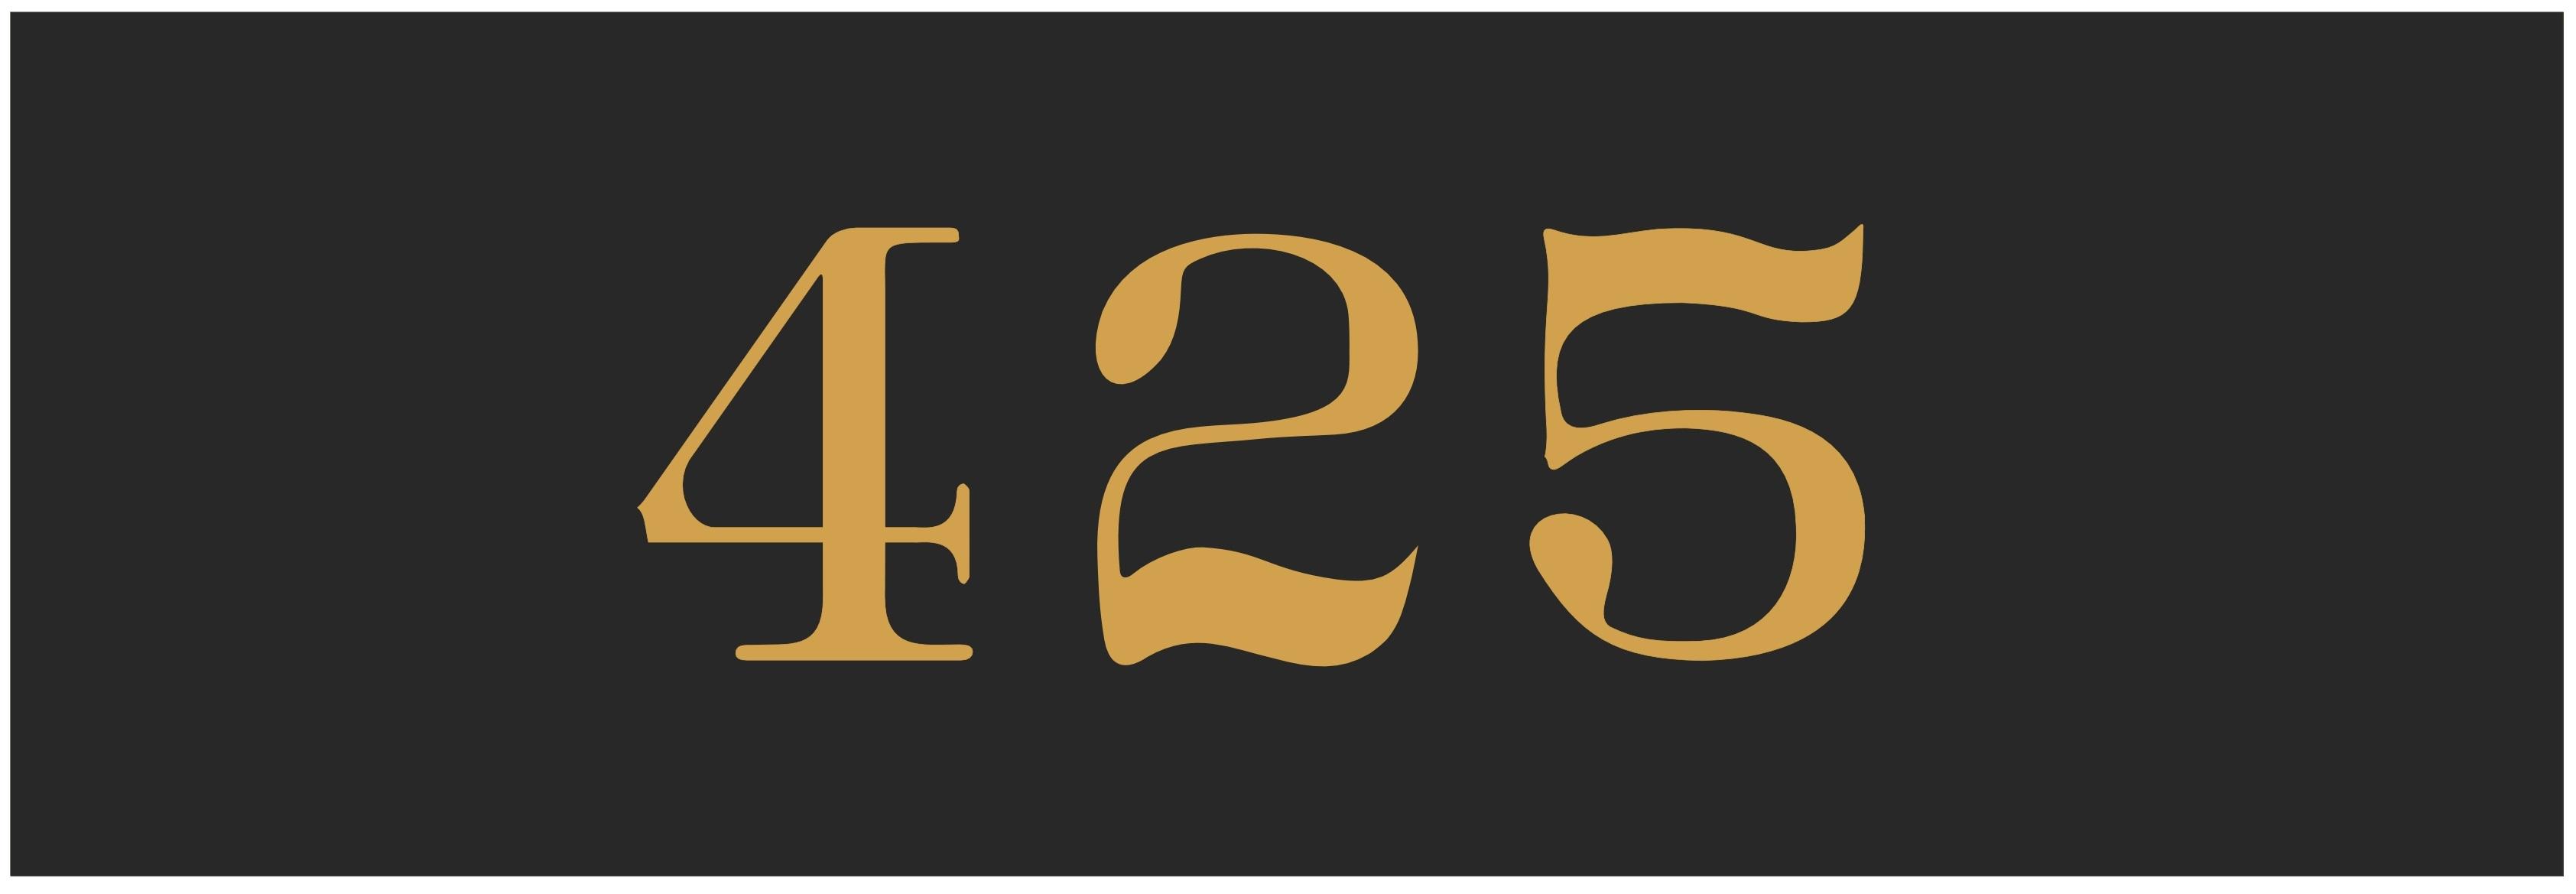 425 number 43-7.jpg